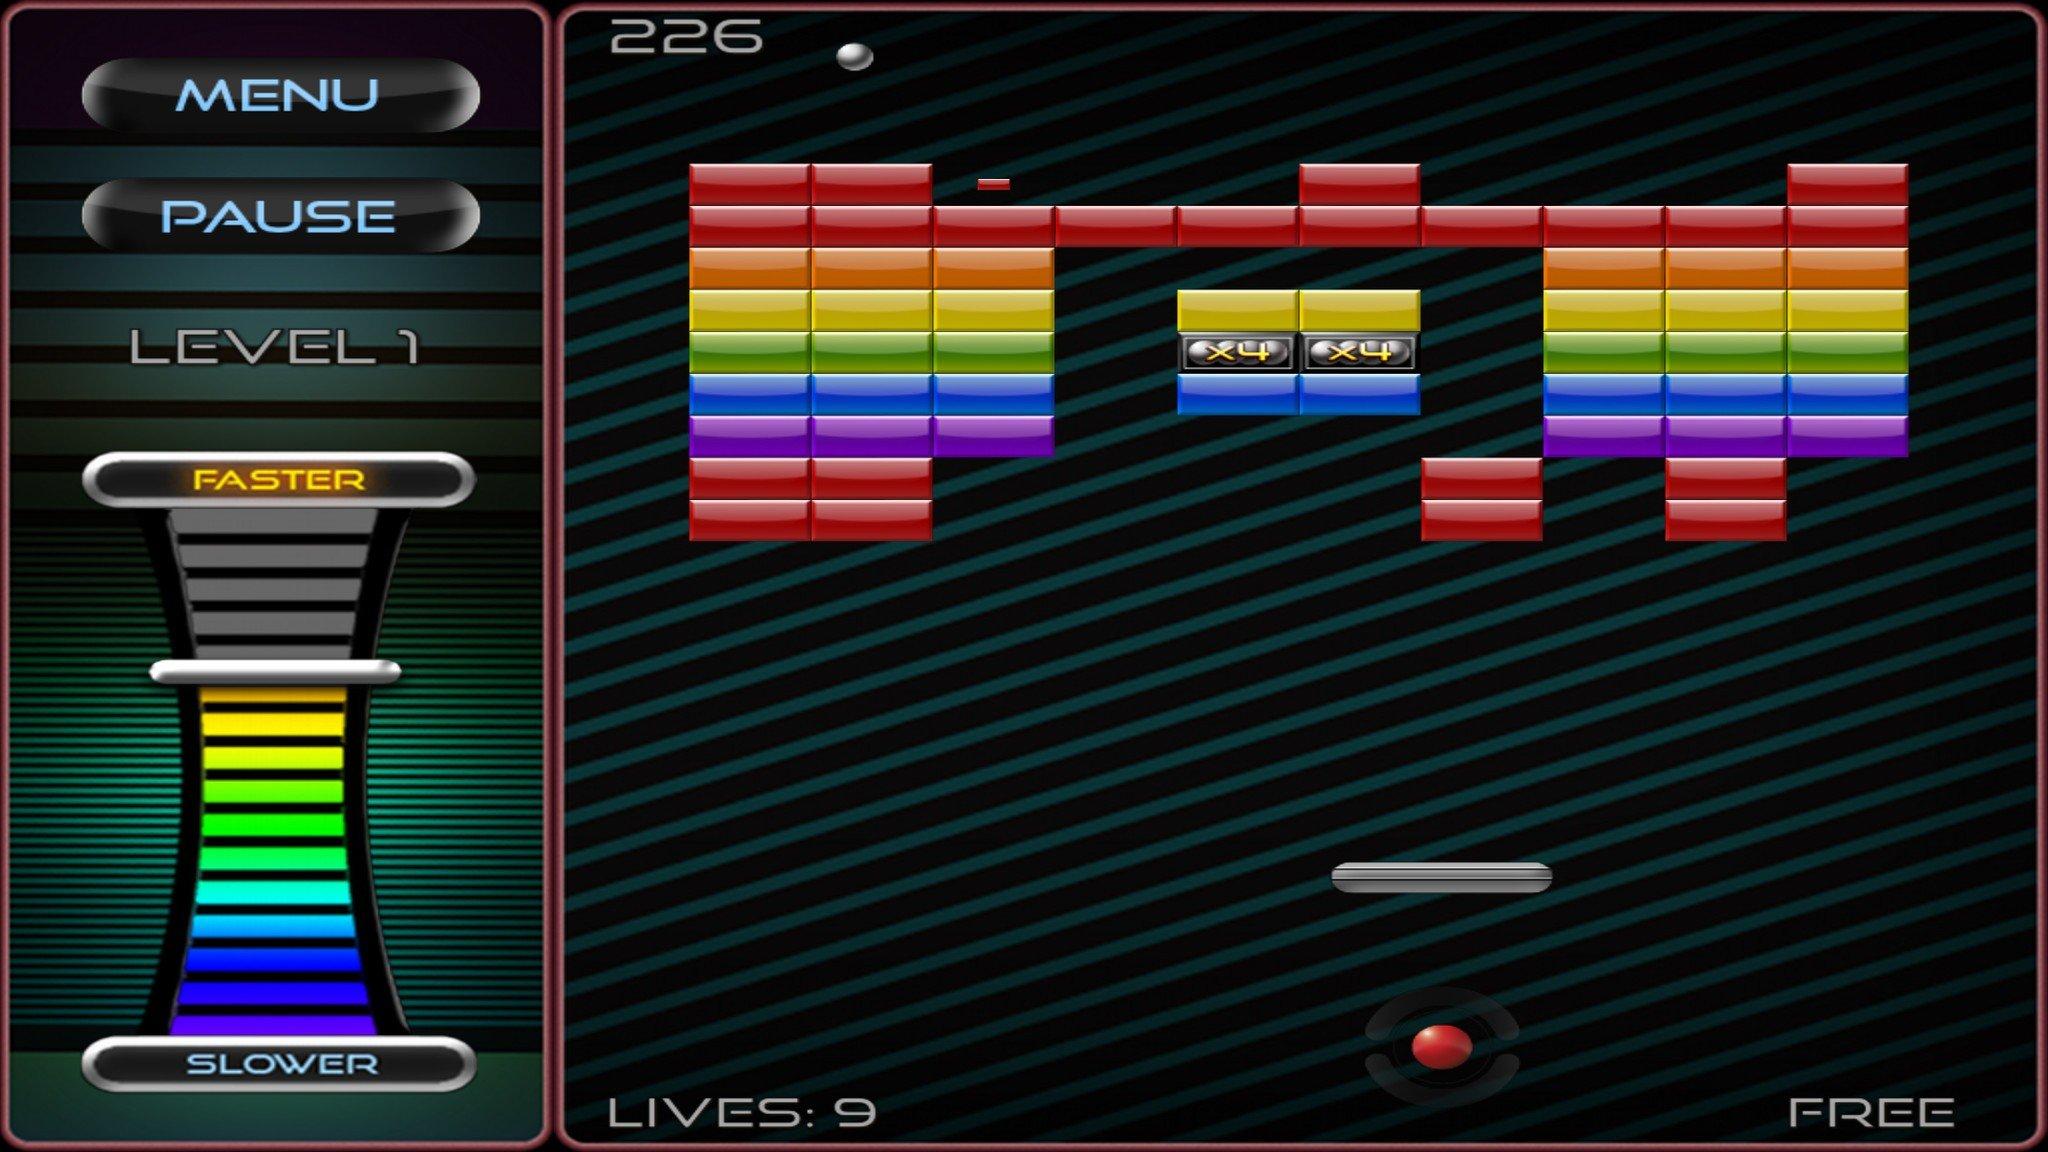 Original Breakout Game Atari